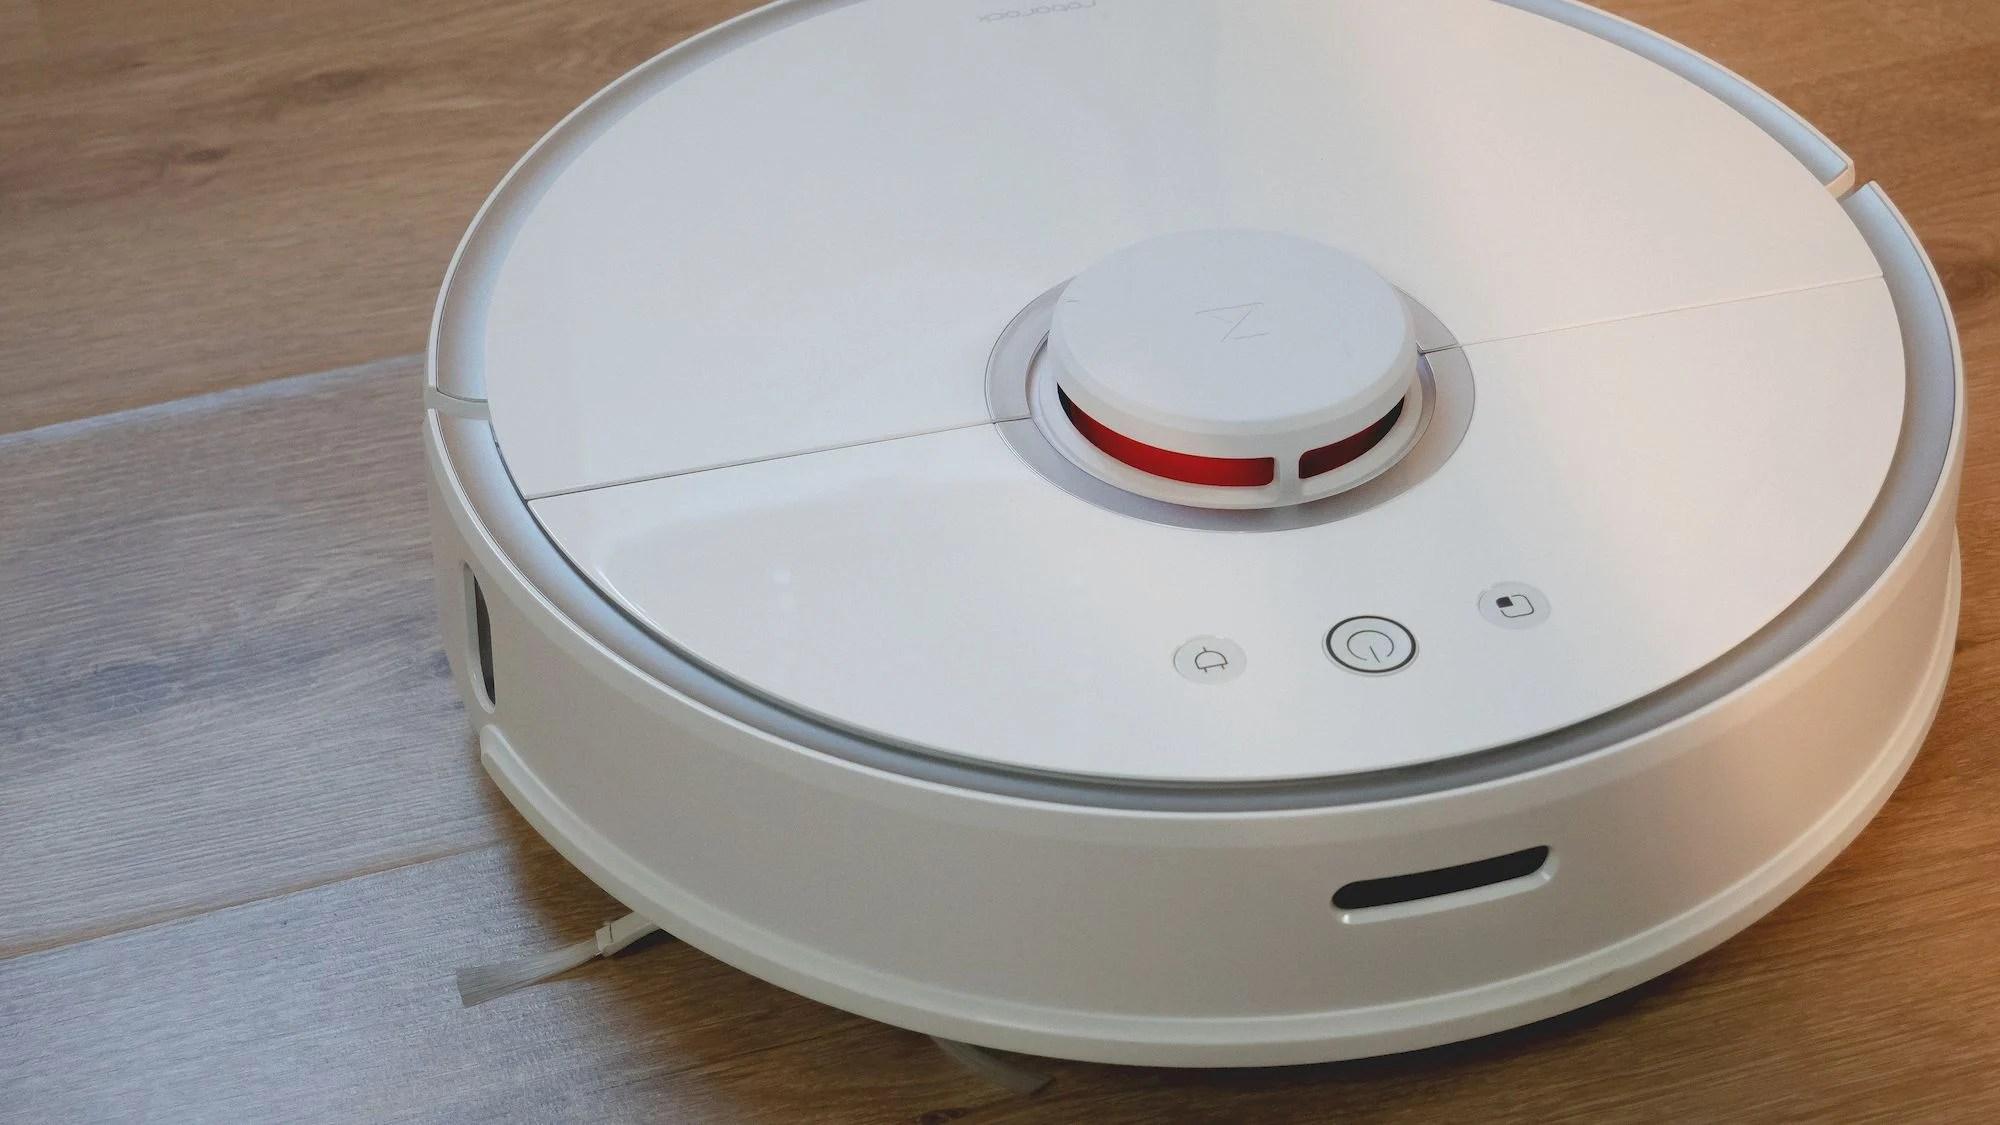 Installer Spotify sur son aspirateur-robot Xiaomi… ça ne sert à rien, mais c'est possible